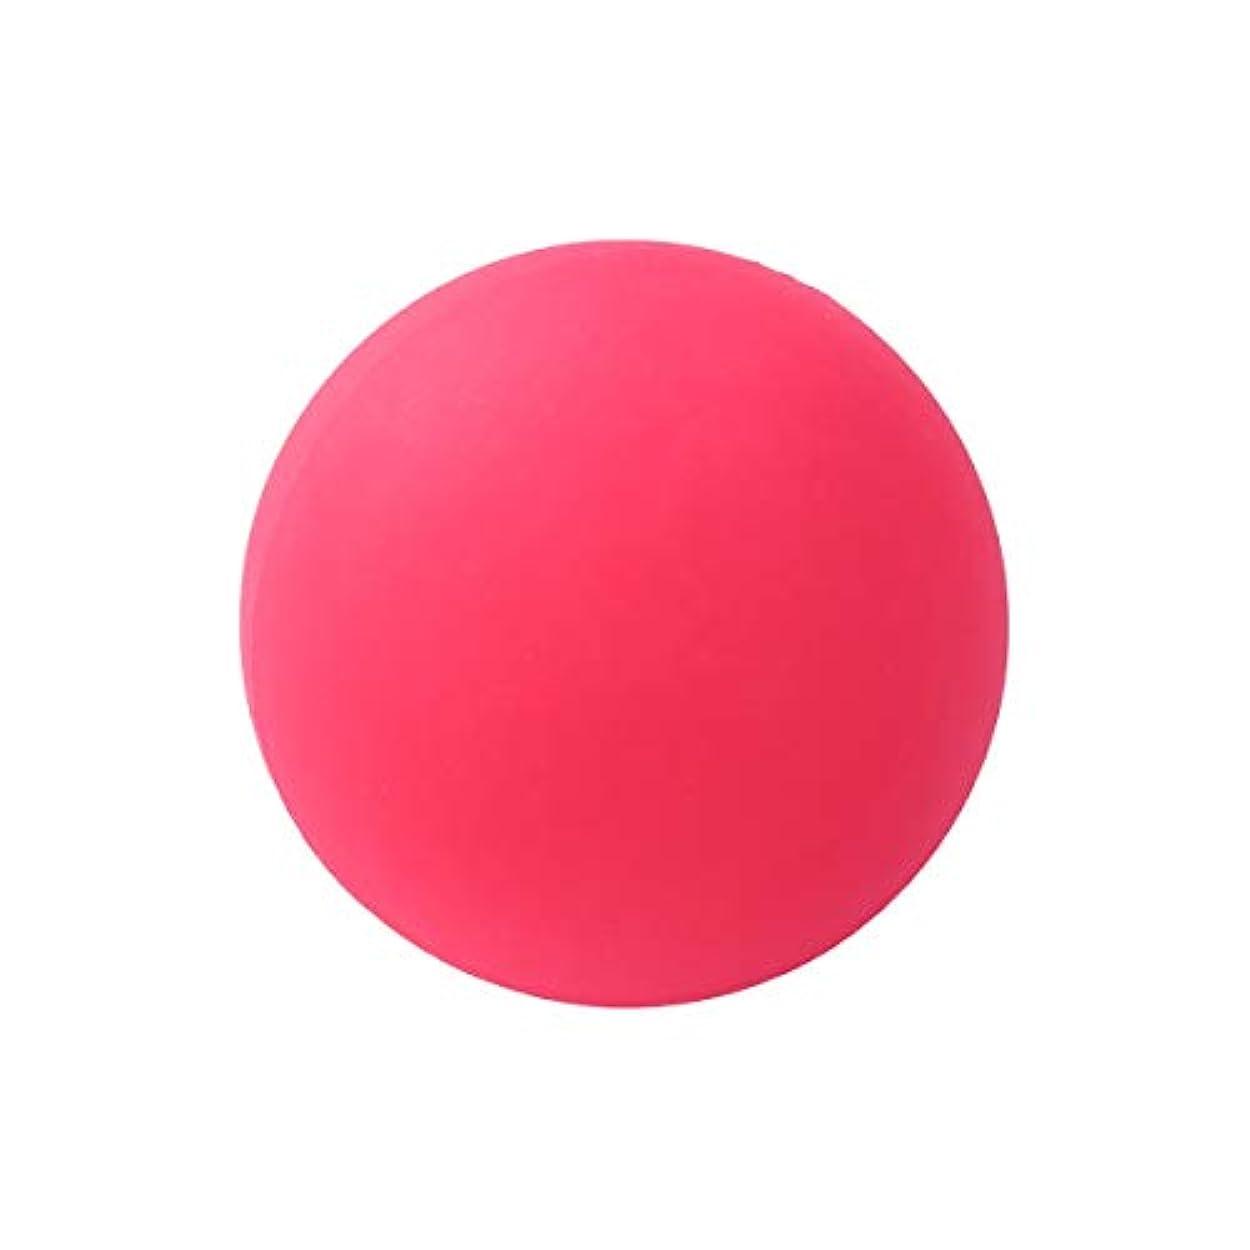 スチール懸念欲しいですVORCOOL マッサージボール ヨガ ストレッチボール トリガーポイント 筋膜リリース トレーニング 背中 肩こり 腰 ふくらはぎ 足裏 ツボ押しグッズ 物理 マッサージ 療法ボール